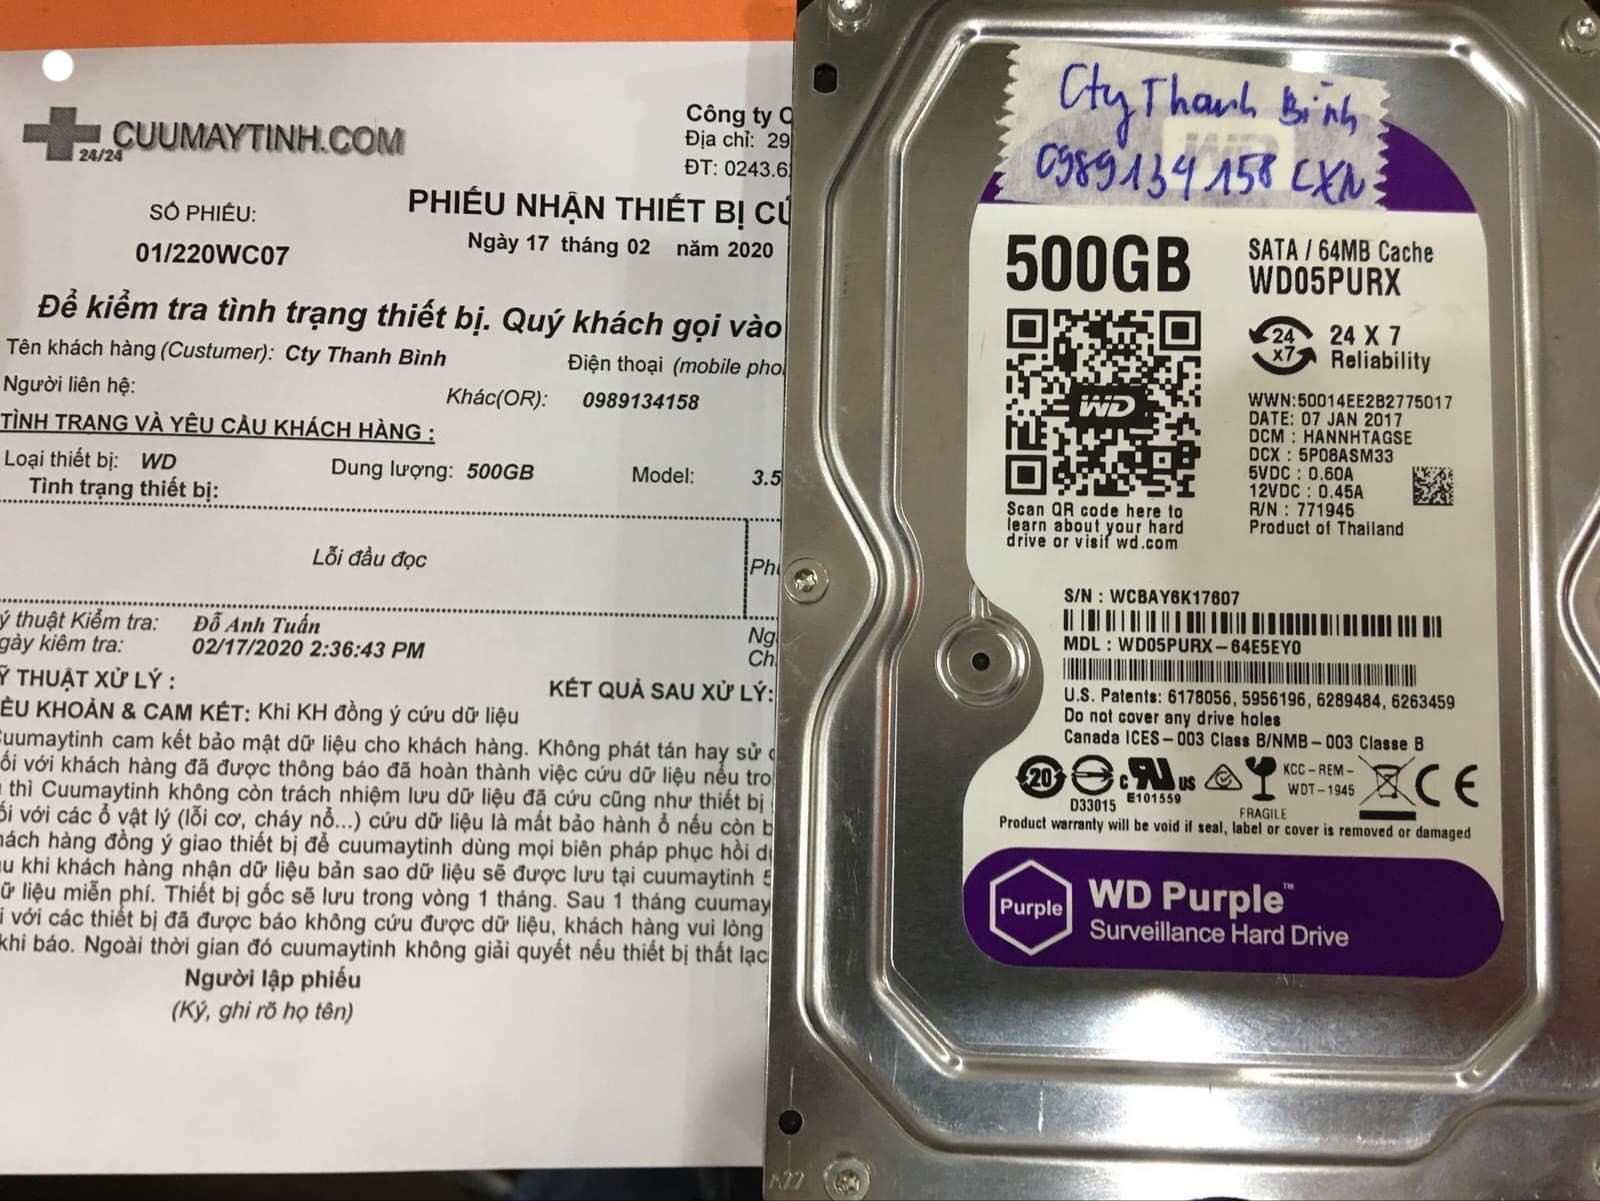 Cứu dữ liệu ổ cứng Western 500GB không nhận 17/02/2020 - cuumaytinh